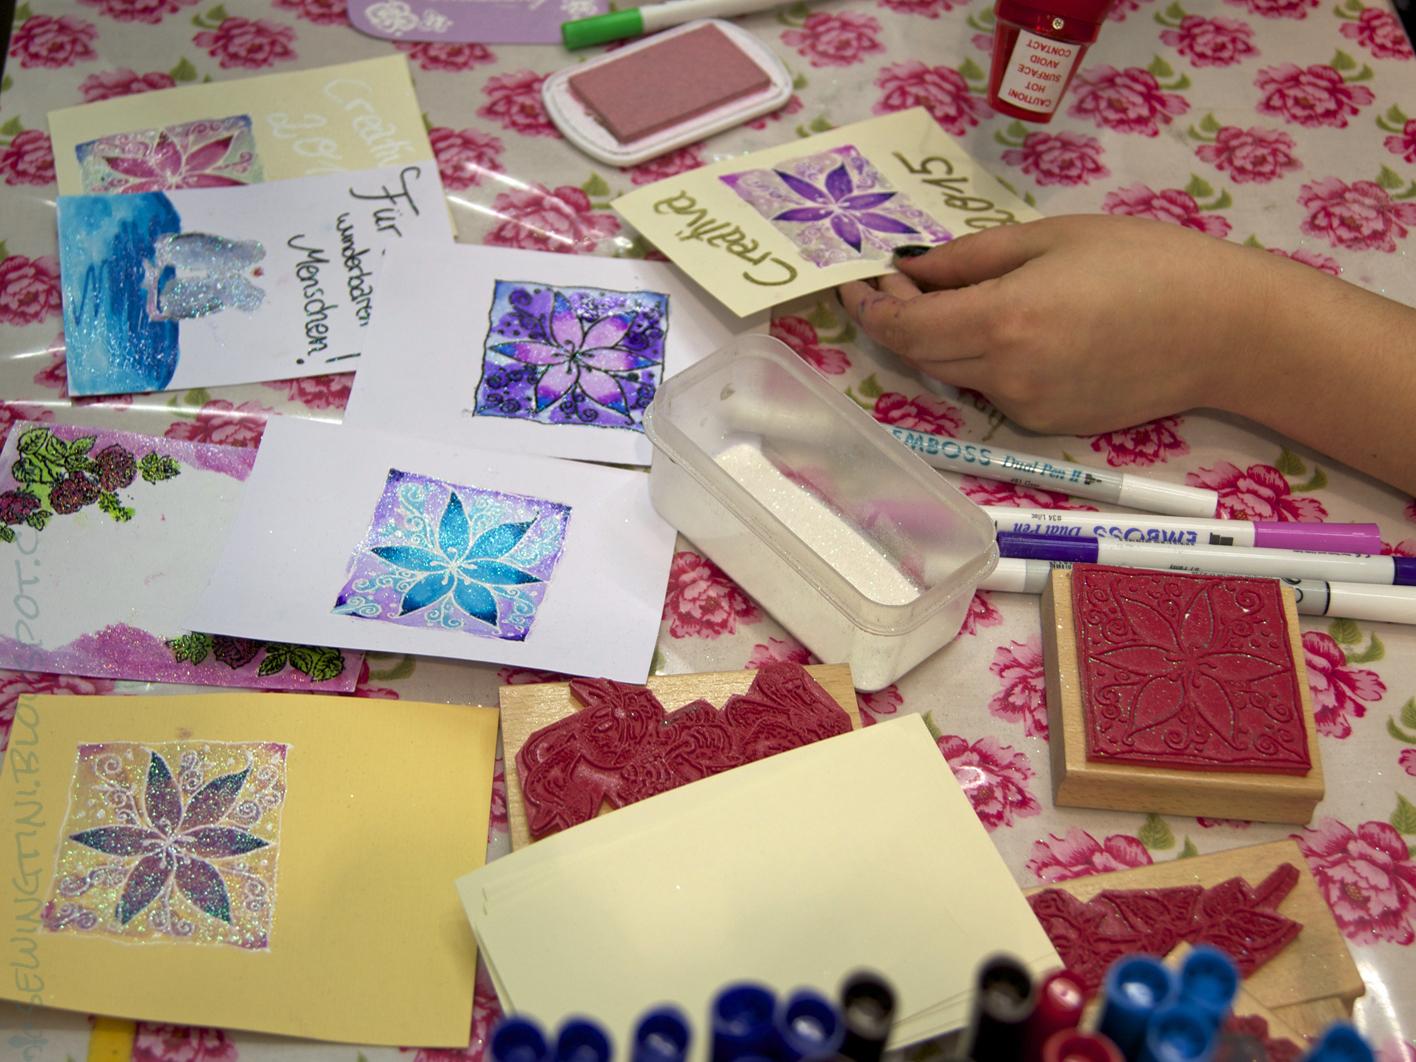 Creativa 2015 - Teil 2